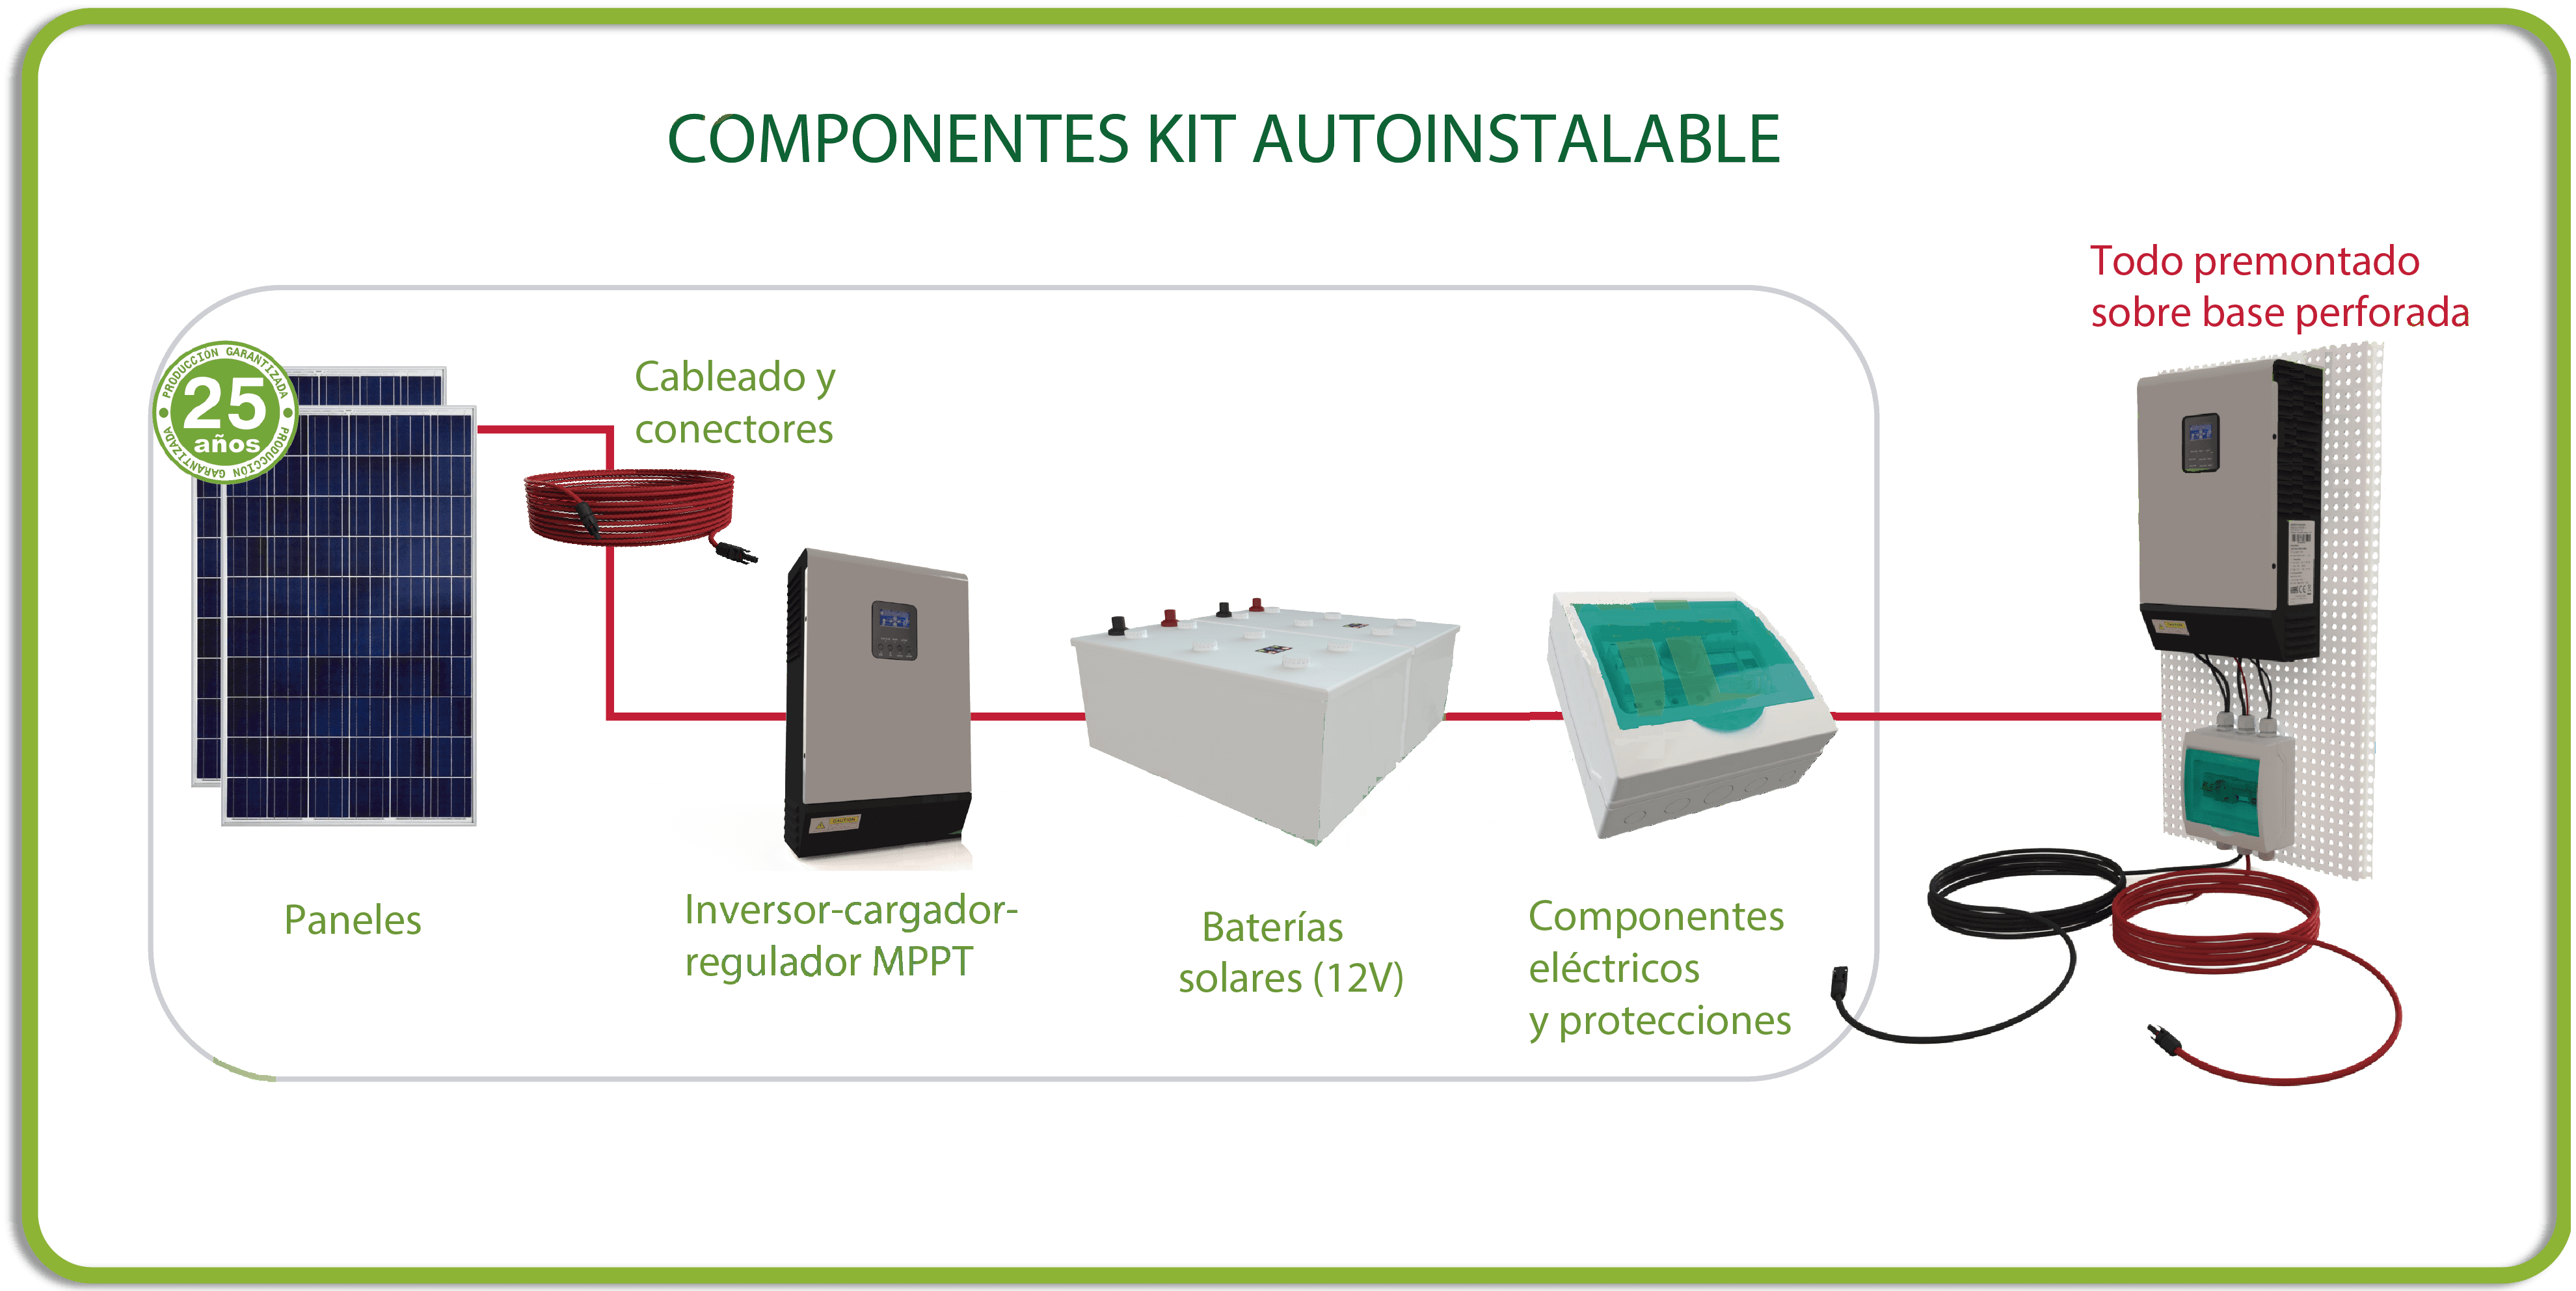 Kit Autoinstalable